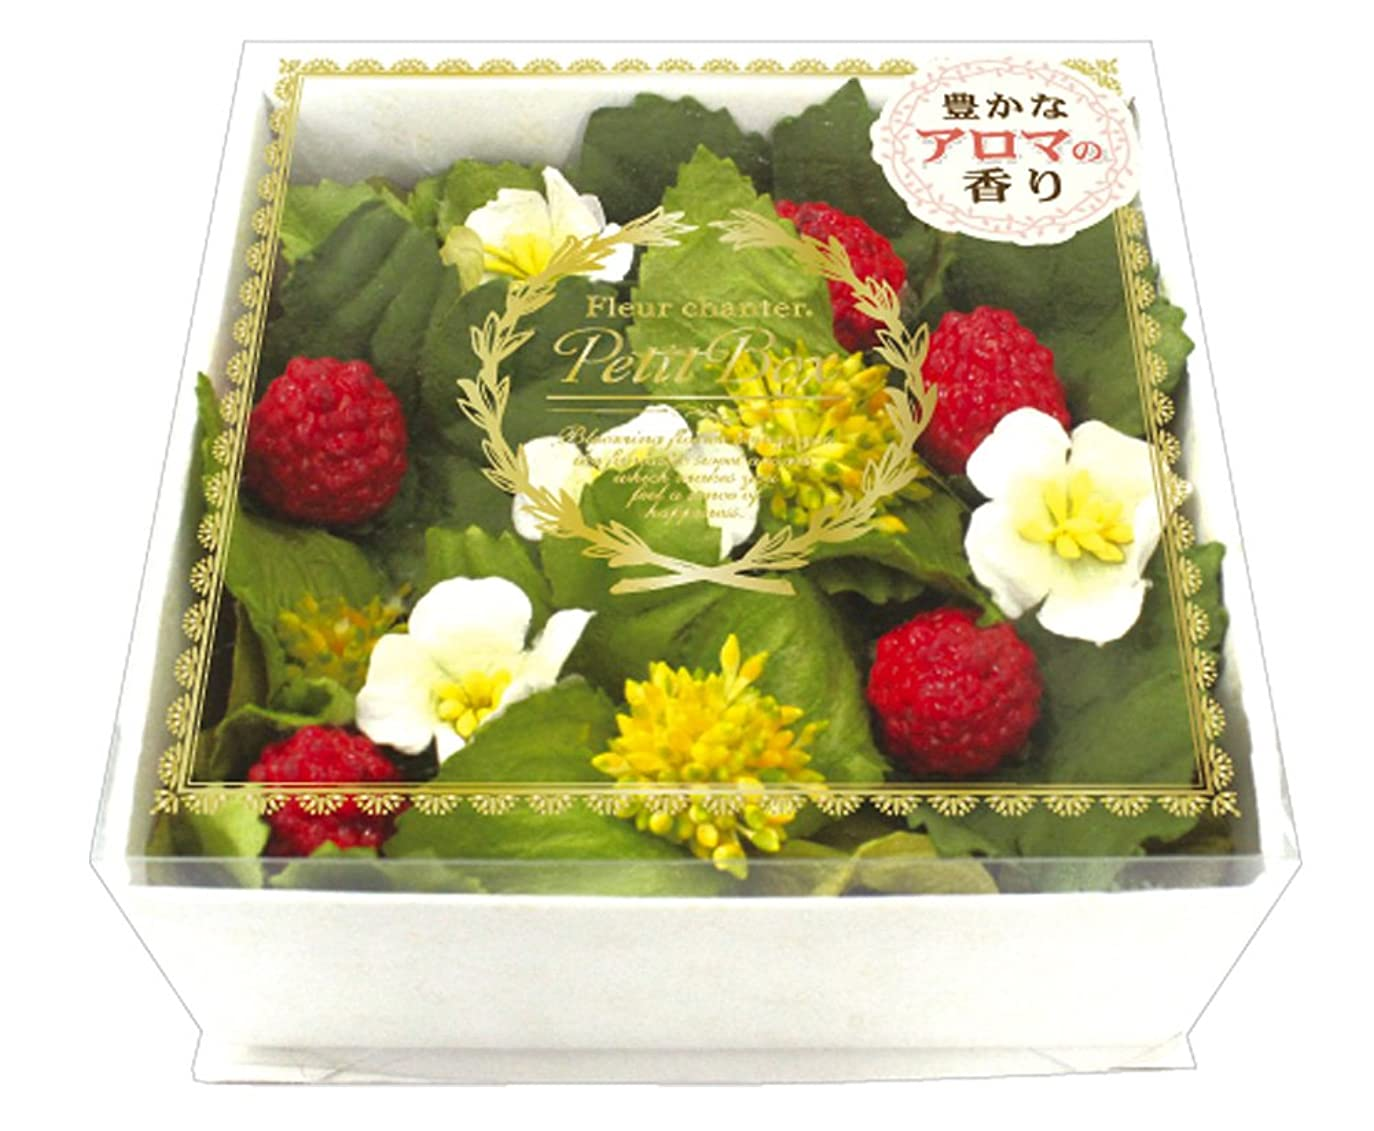 ドーム絶え間ない裕福なノルコーポレーション ルームフレグランス フルールシャンテ ボックス プチ フレッシュストロベリーの香り OA-LAB-2-5